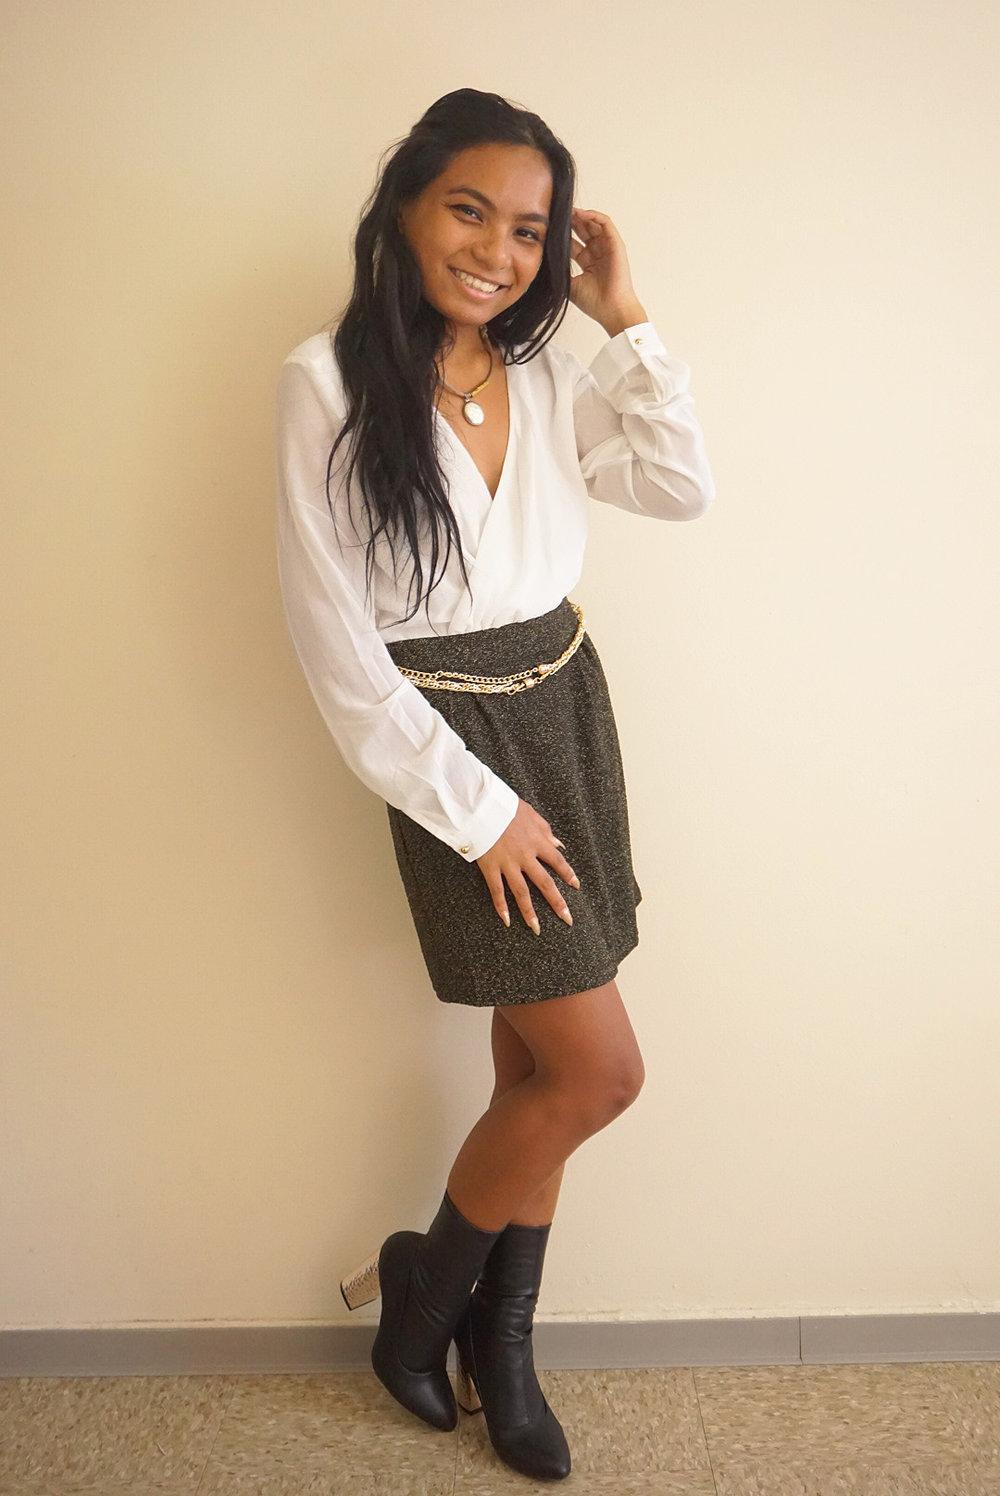 Two-Toned-Amiclubwear-Dress-Fall-Style-Blogger-LINDATENCHITRAN-10-1616x1080.jpg